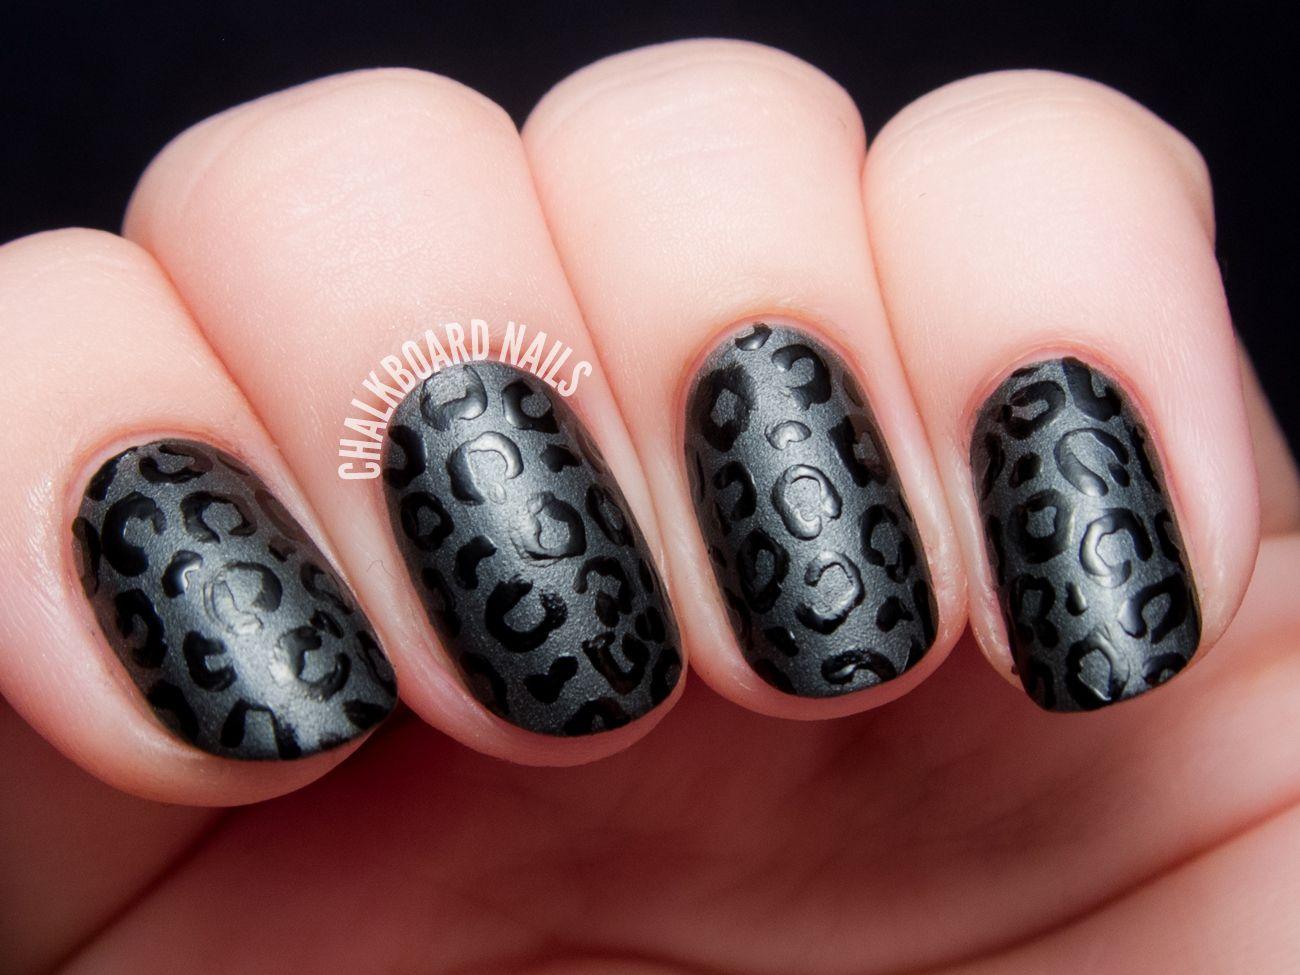 - 13 Cool Matte Nail Design Ideas - Unique Matte Nail Polish Art